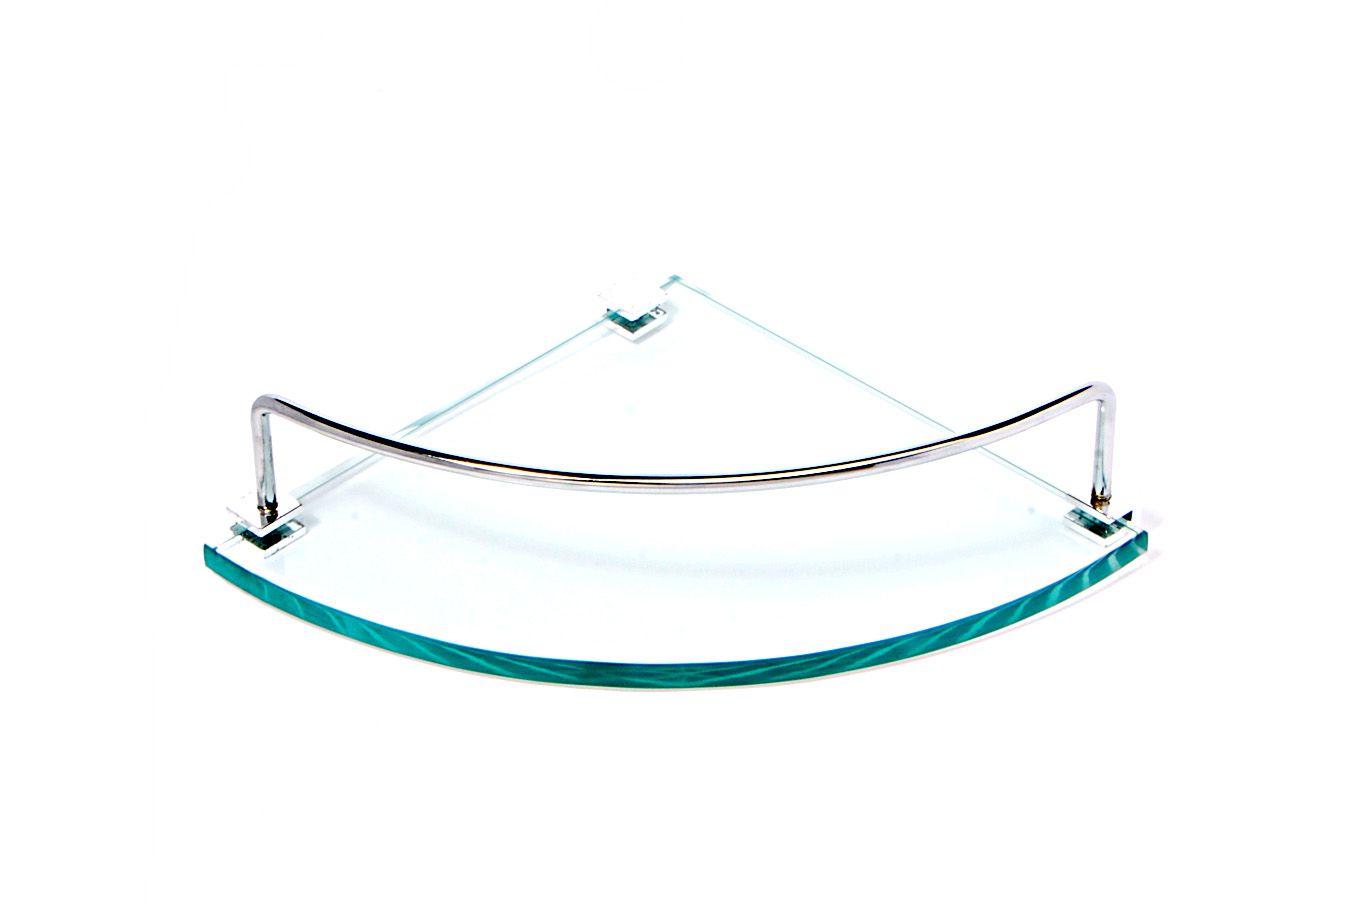 Porta Shampoo Canto Curvo em Vidro Incolor Lapidado - Aquabox  - 20cmx20cmx10mm